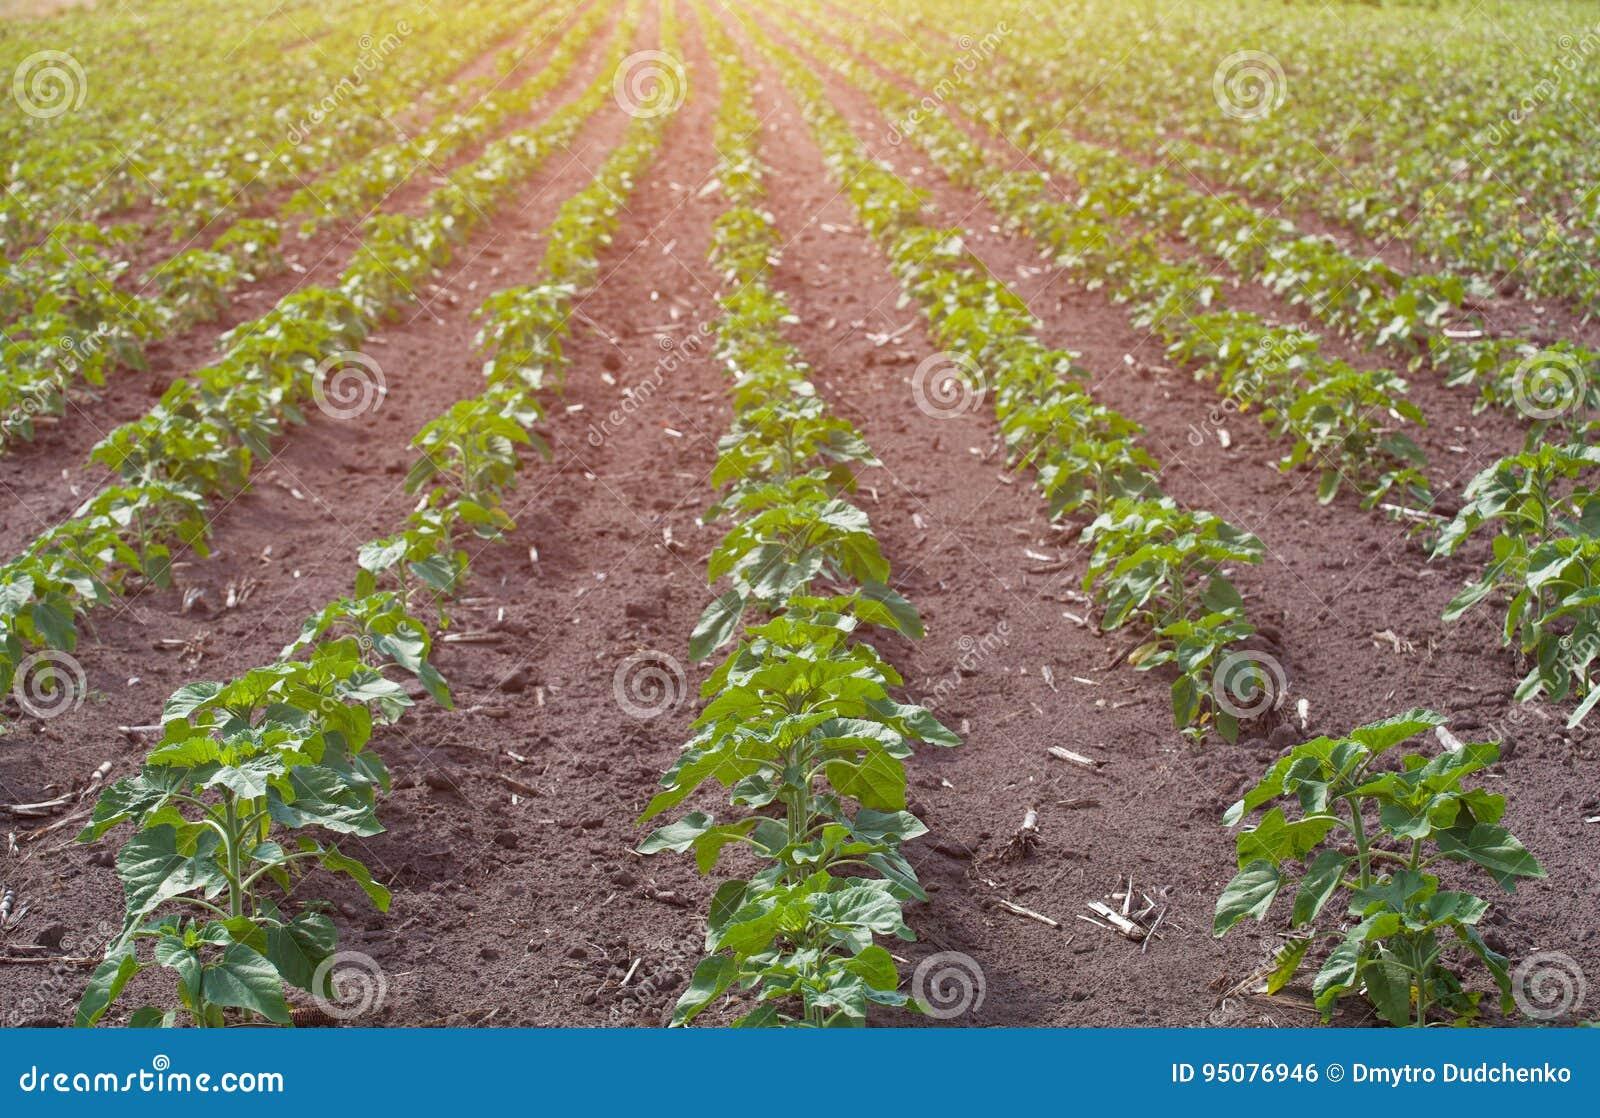 Ampuły pole potomstwa zielenieje, kwitnący słonecznikowy dorośnięcie w gospodarstwie rolnym